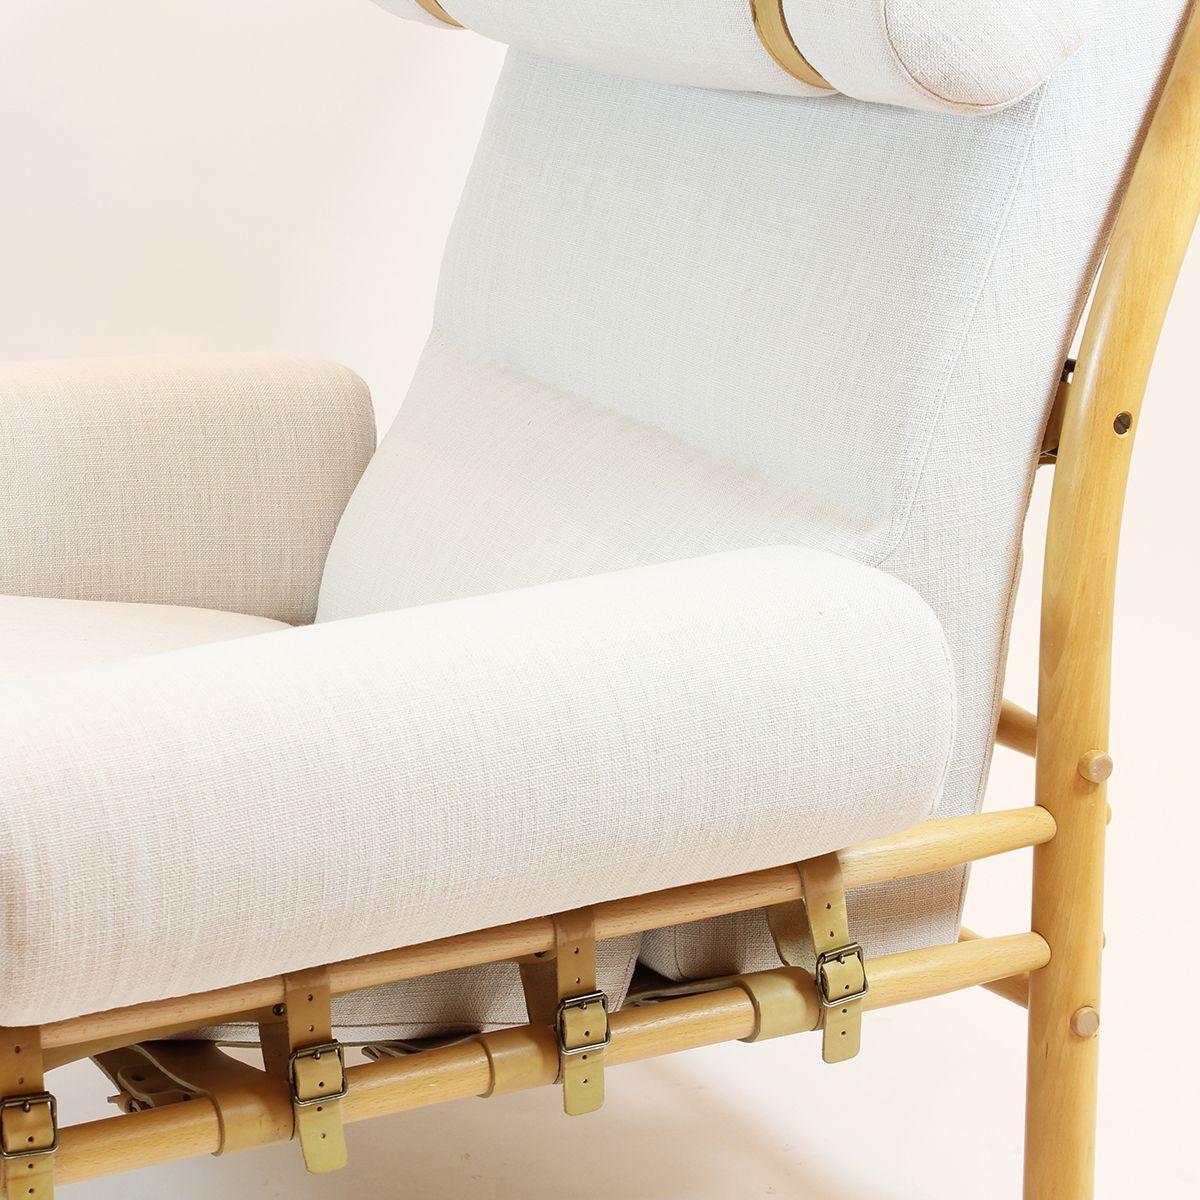 schwedischer mid century sessel mit fu hocker von arne norell inca 1960er bei pamono kaufen. Black Bedroom Furniture Sets. Home Design Ideas